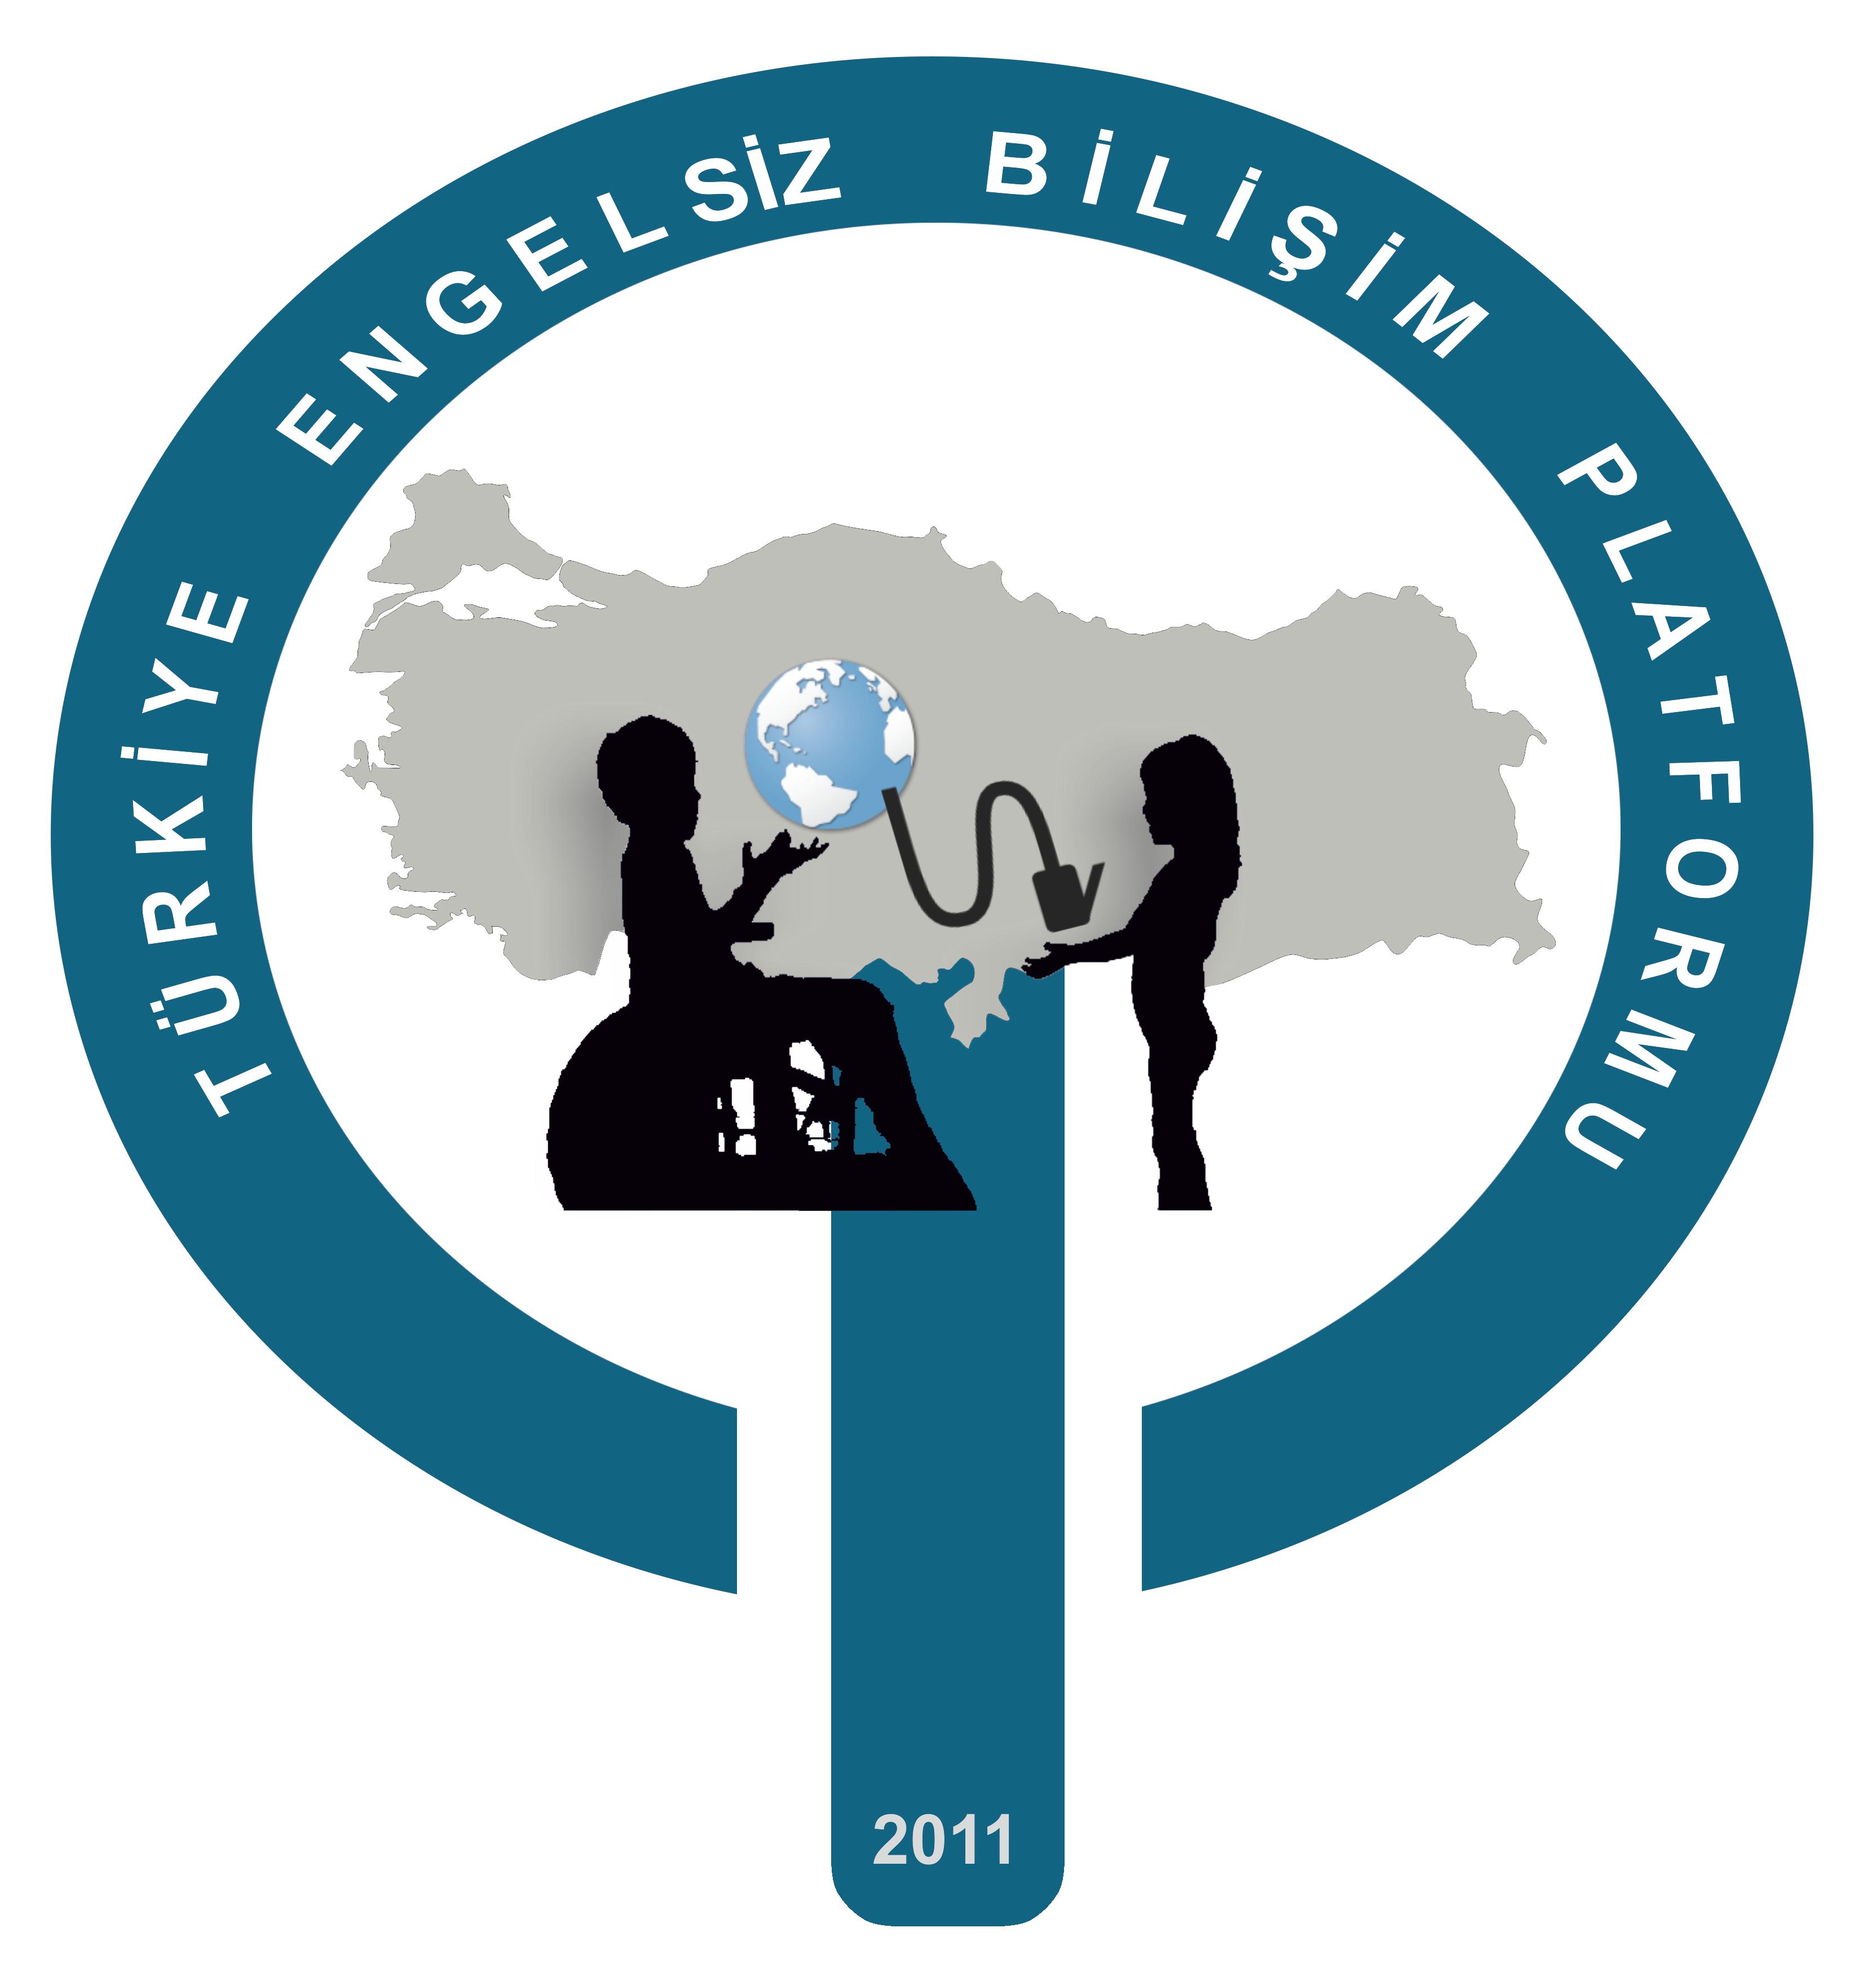 Türkiye Engelsiz Bilişim Platformu